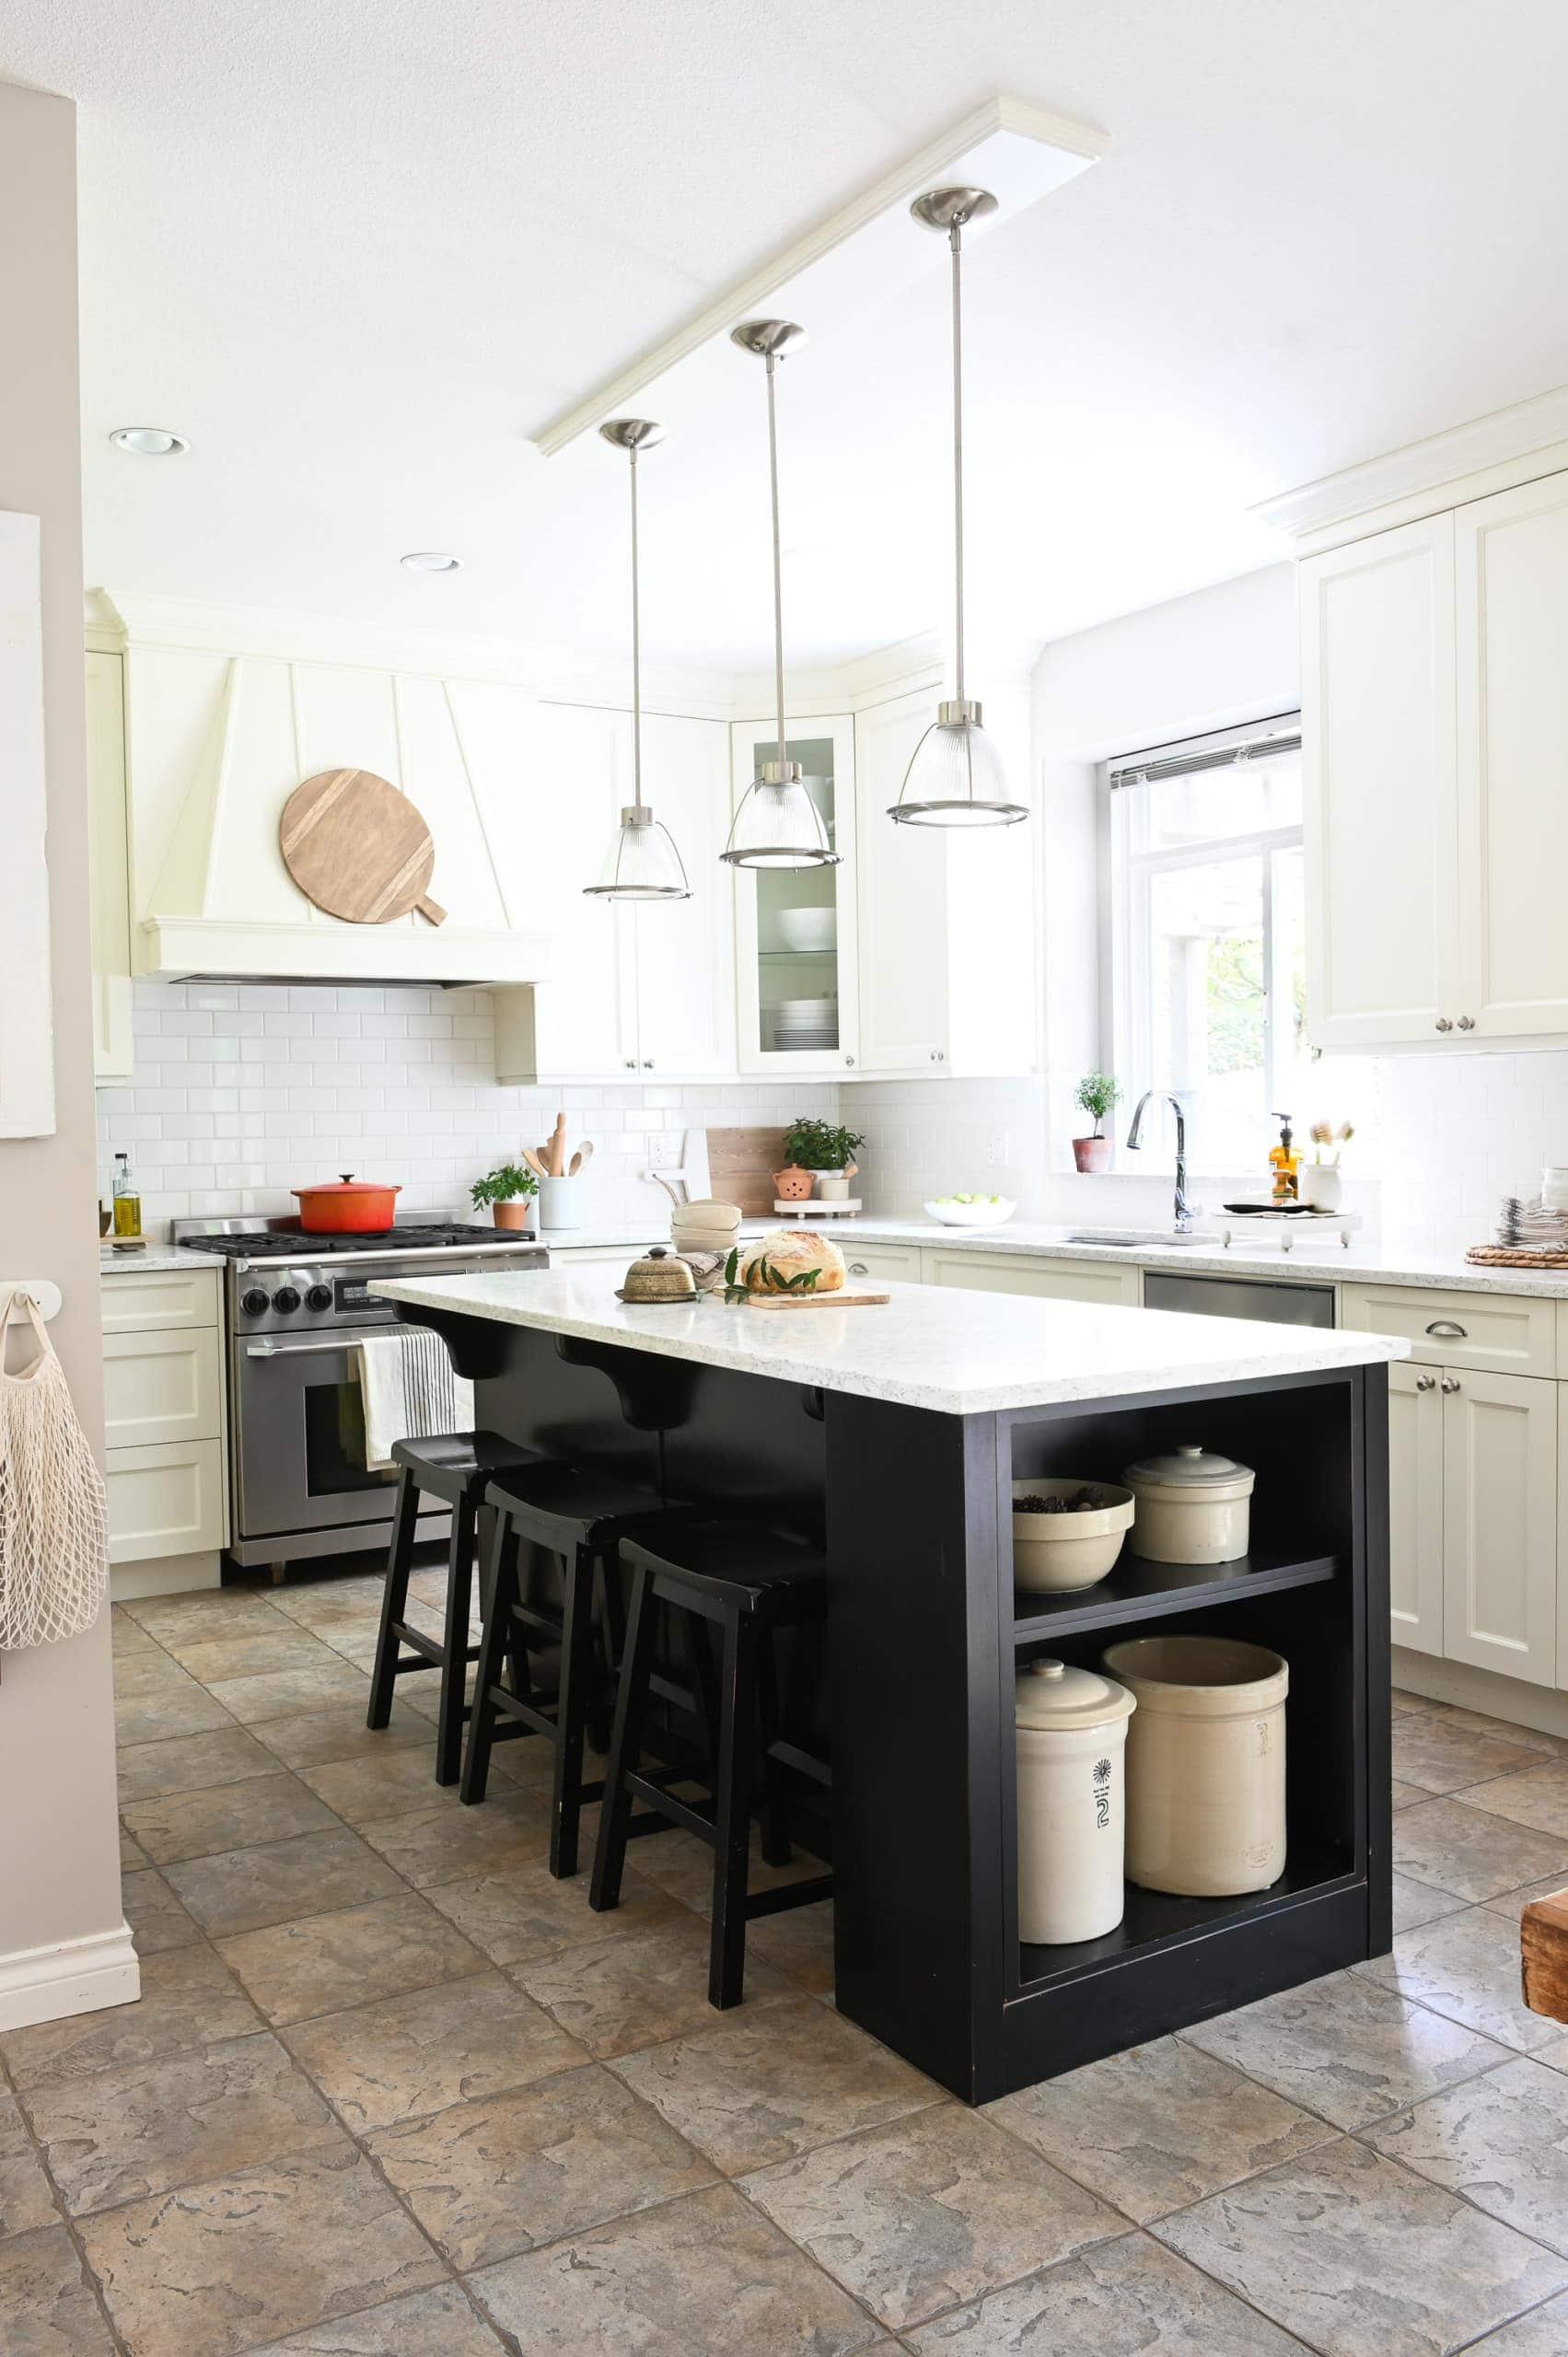 DIY kitchen with farmhouse style